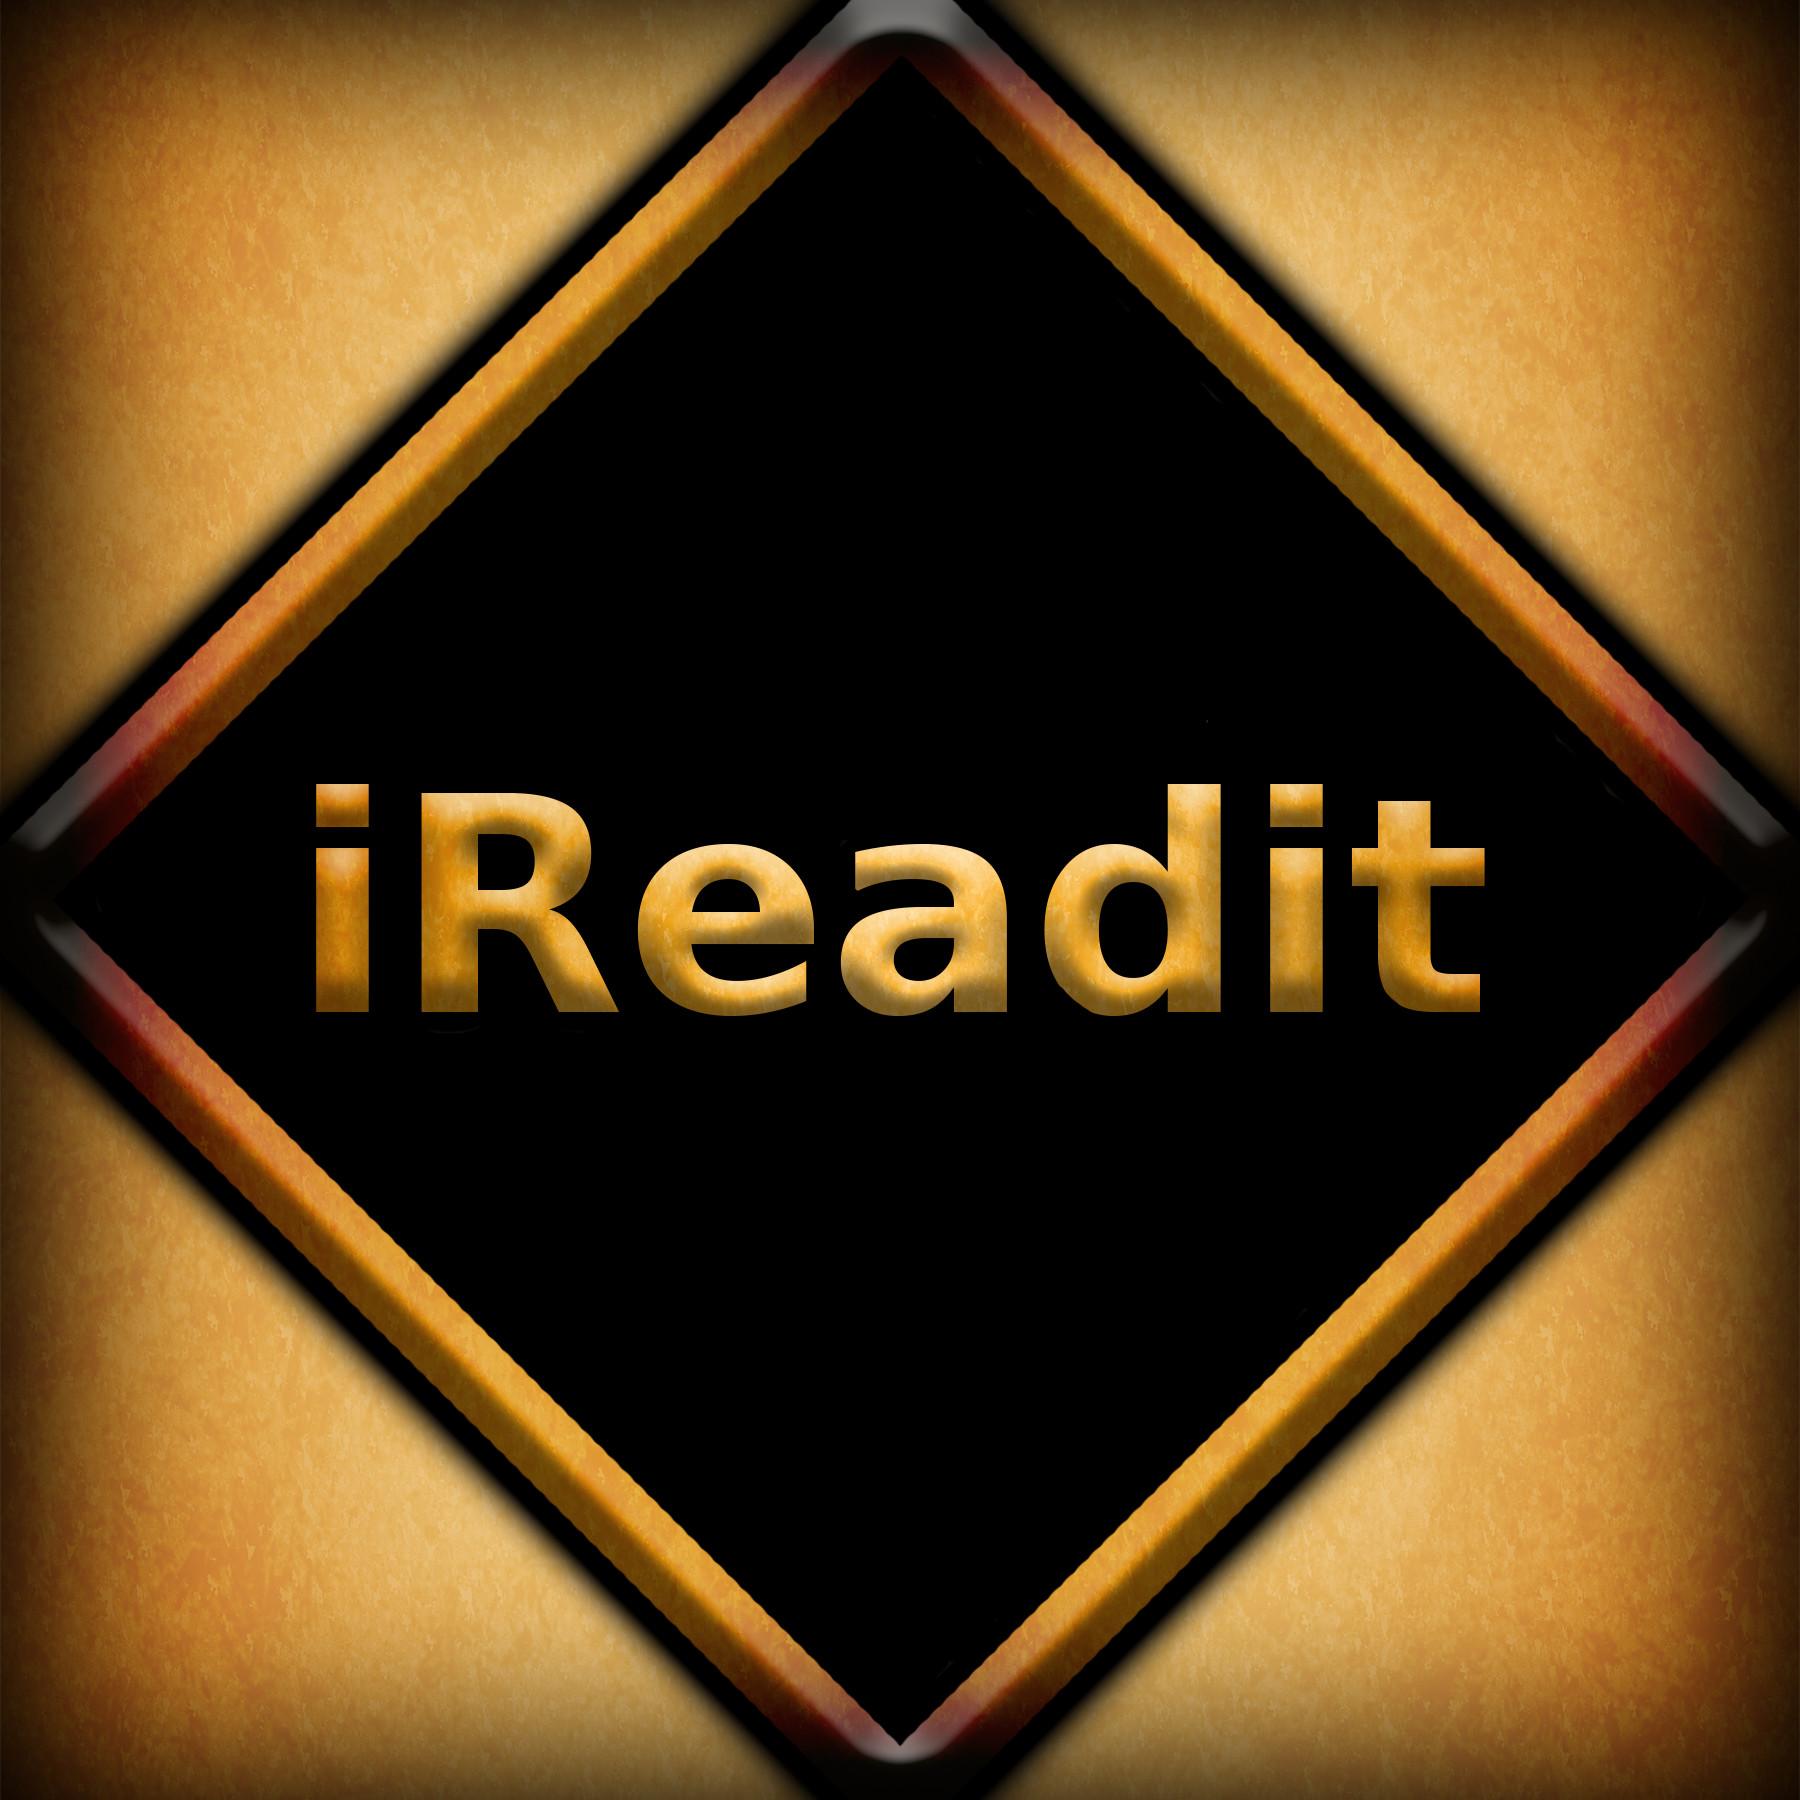 iReadit